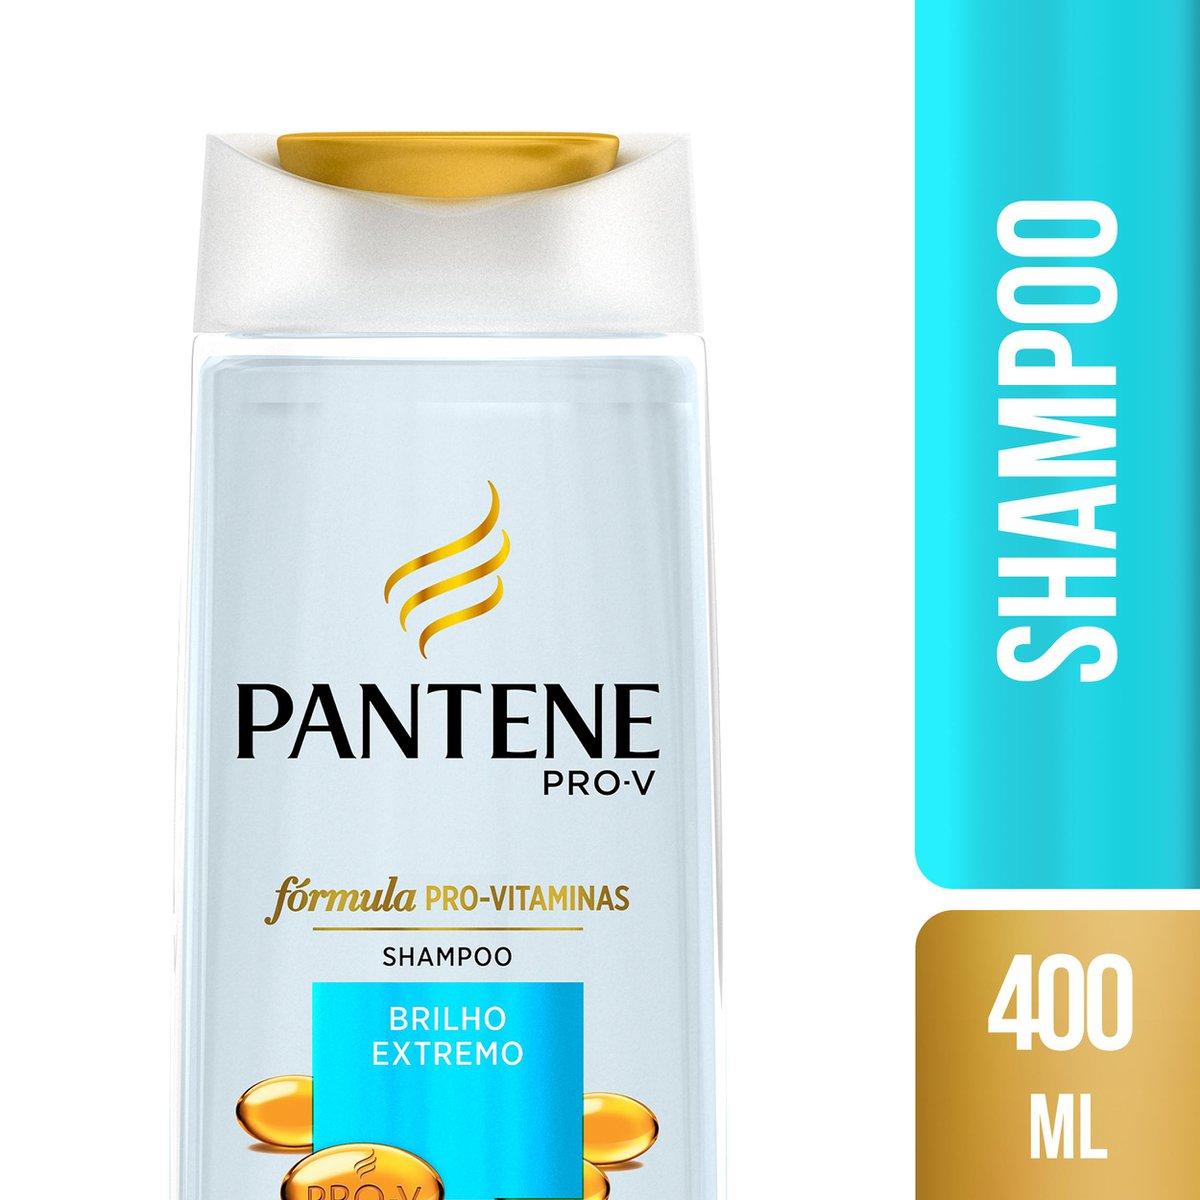 Pantene Shampoo Brilho Extremo 400mL